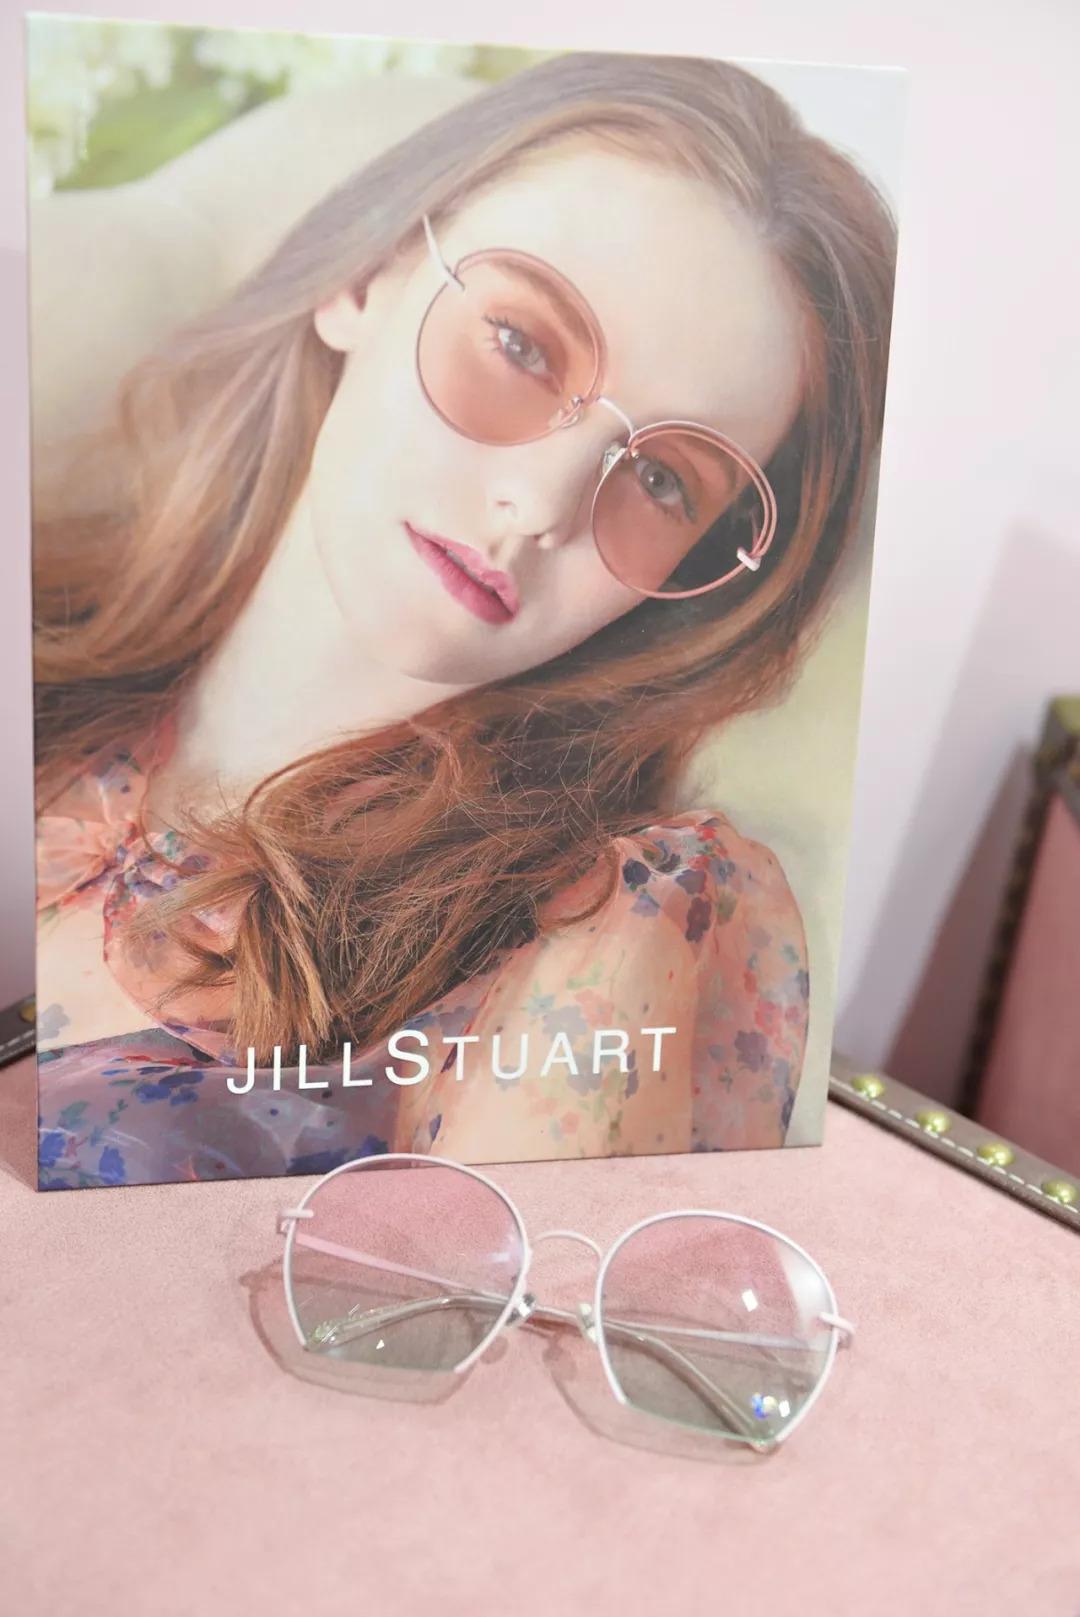 【看过来】确认过眼神,这波镜架新品将会为你的魅力加分!(真相入内)